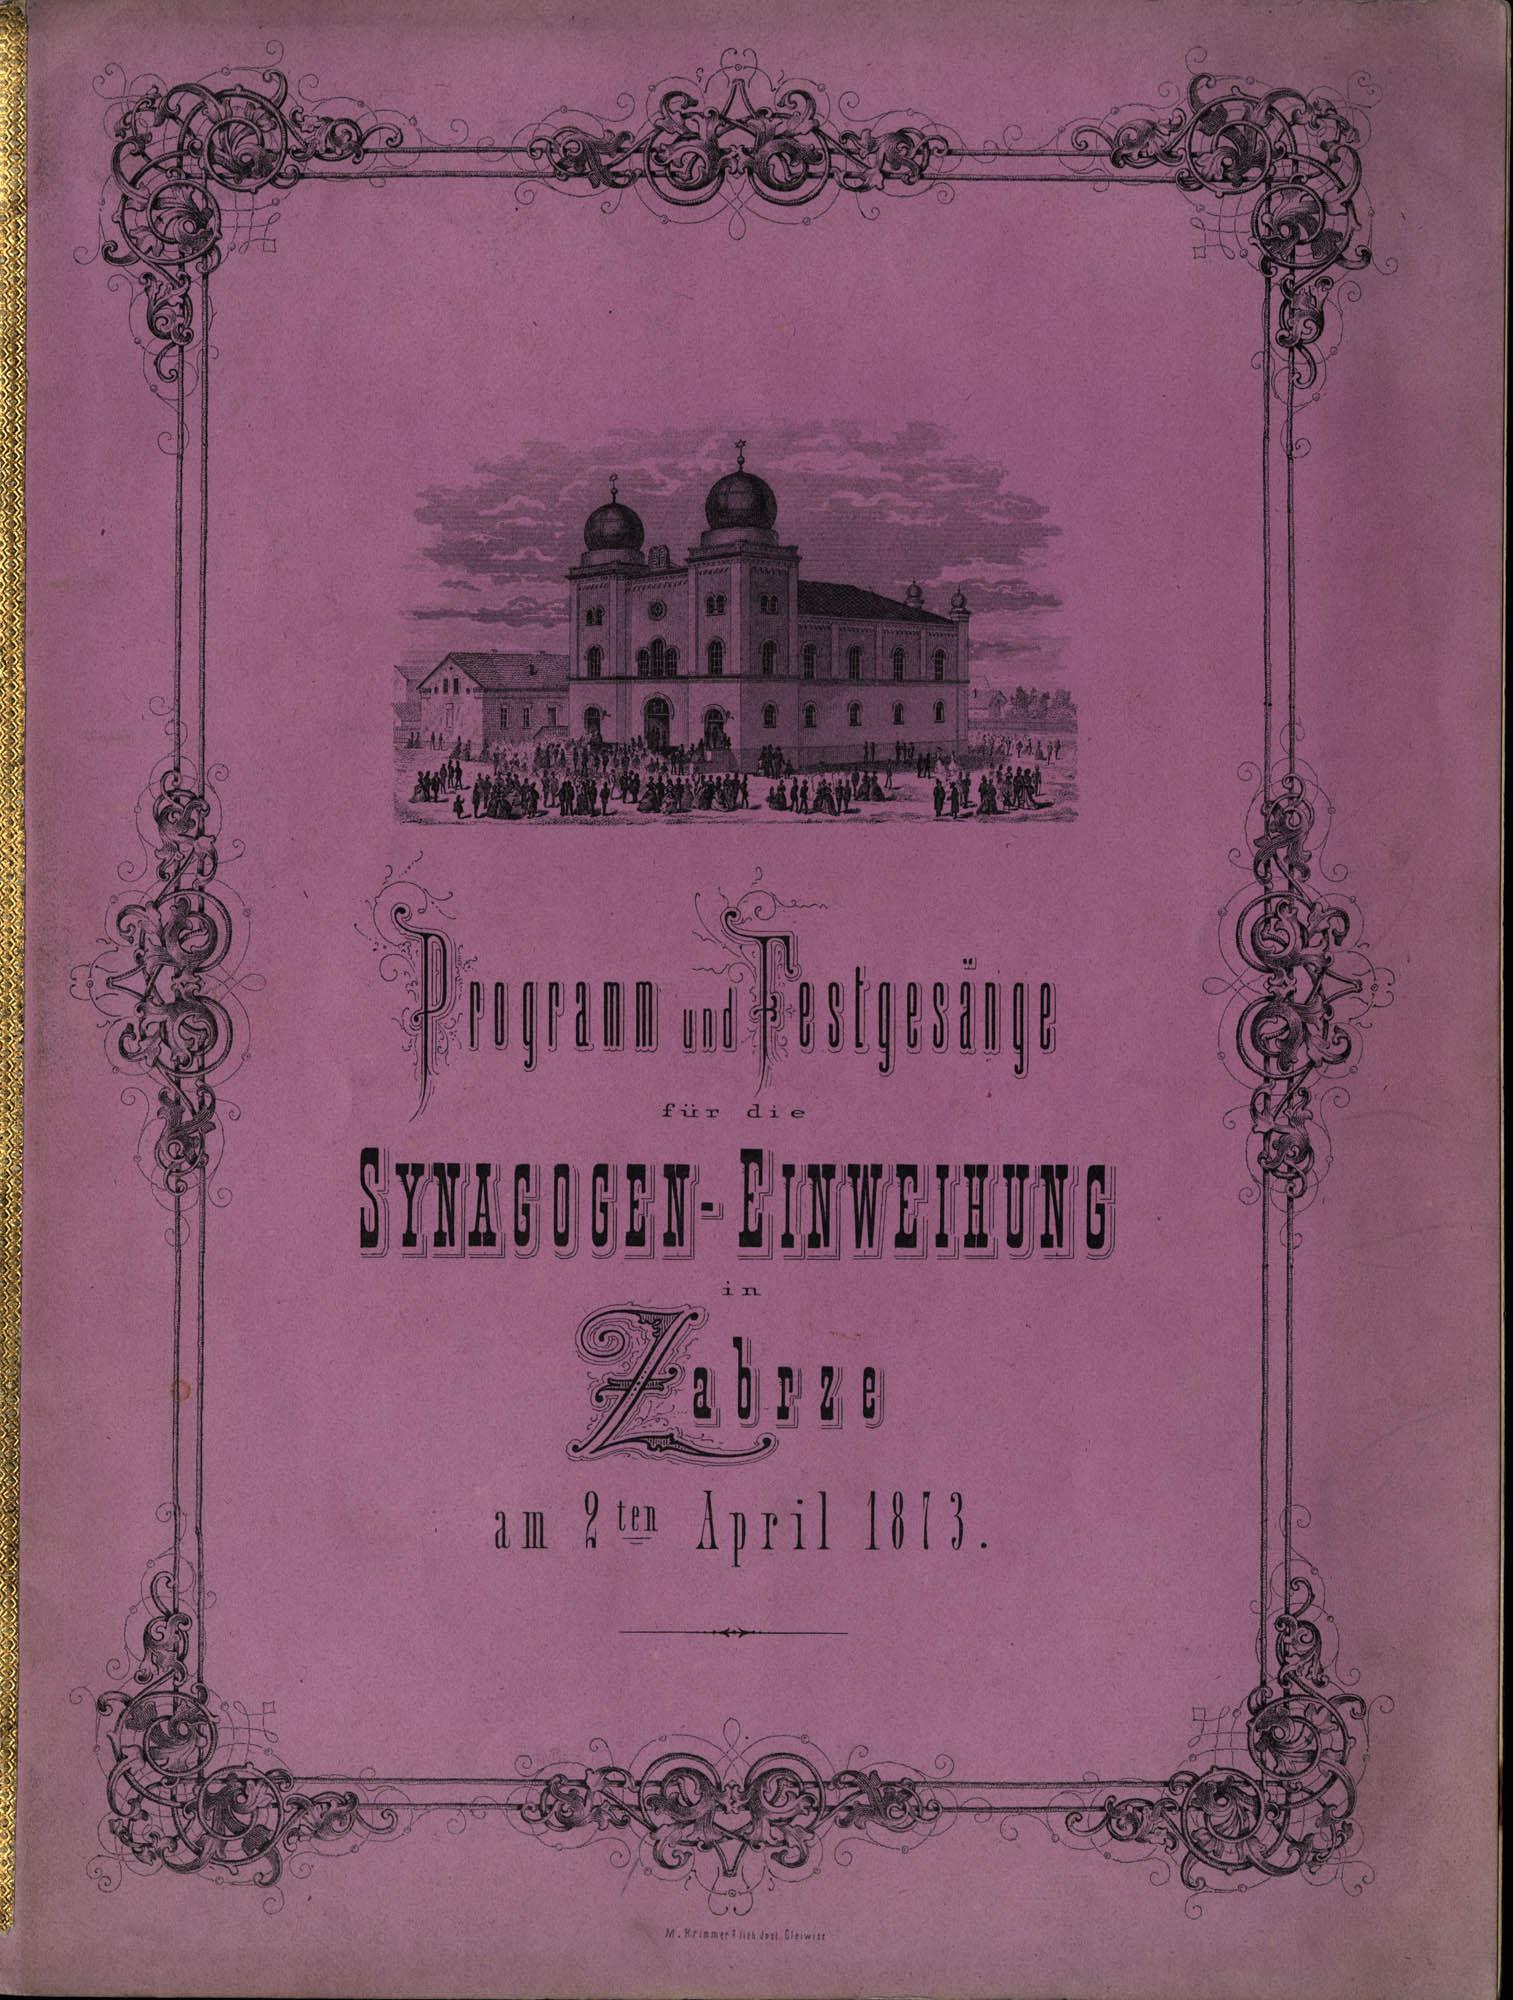 Programm und Festgesänge für die Synagogen-Einweihung in Zabrze am 2ten April 1873